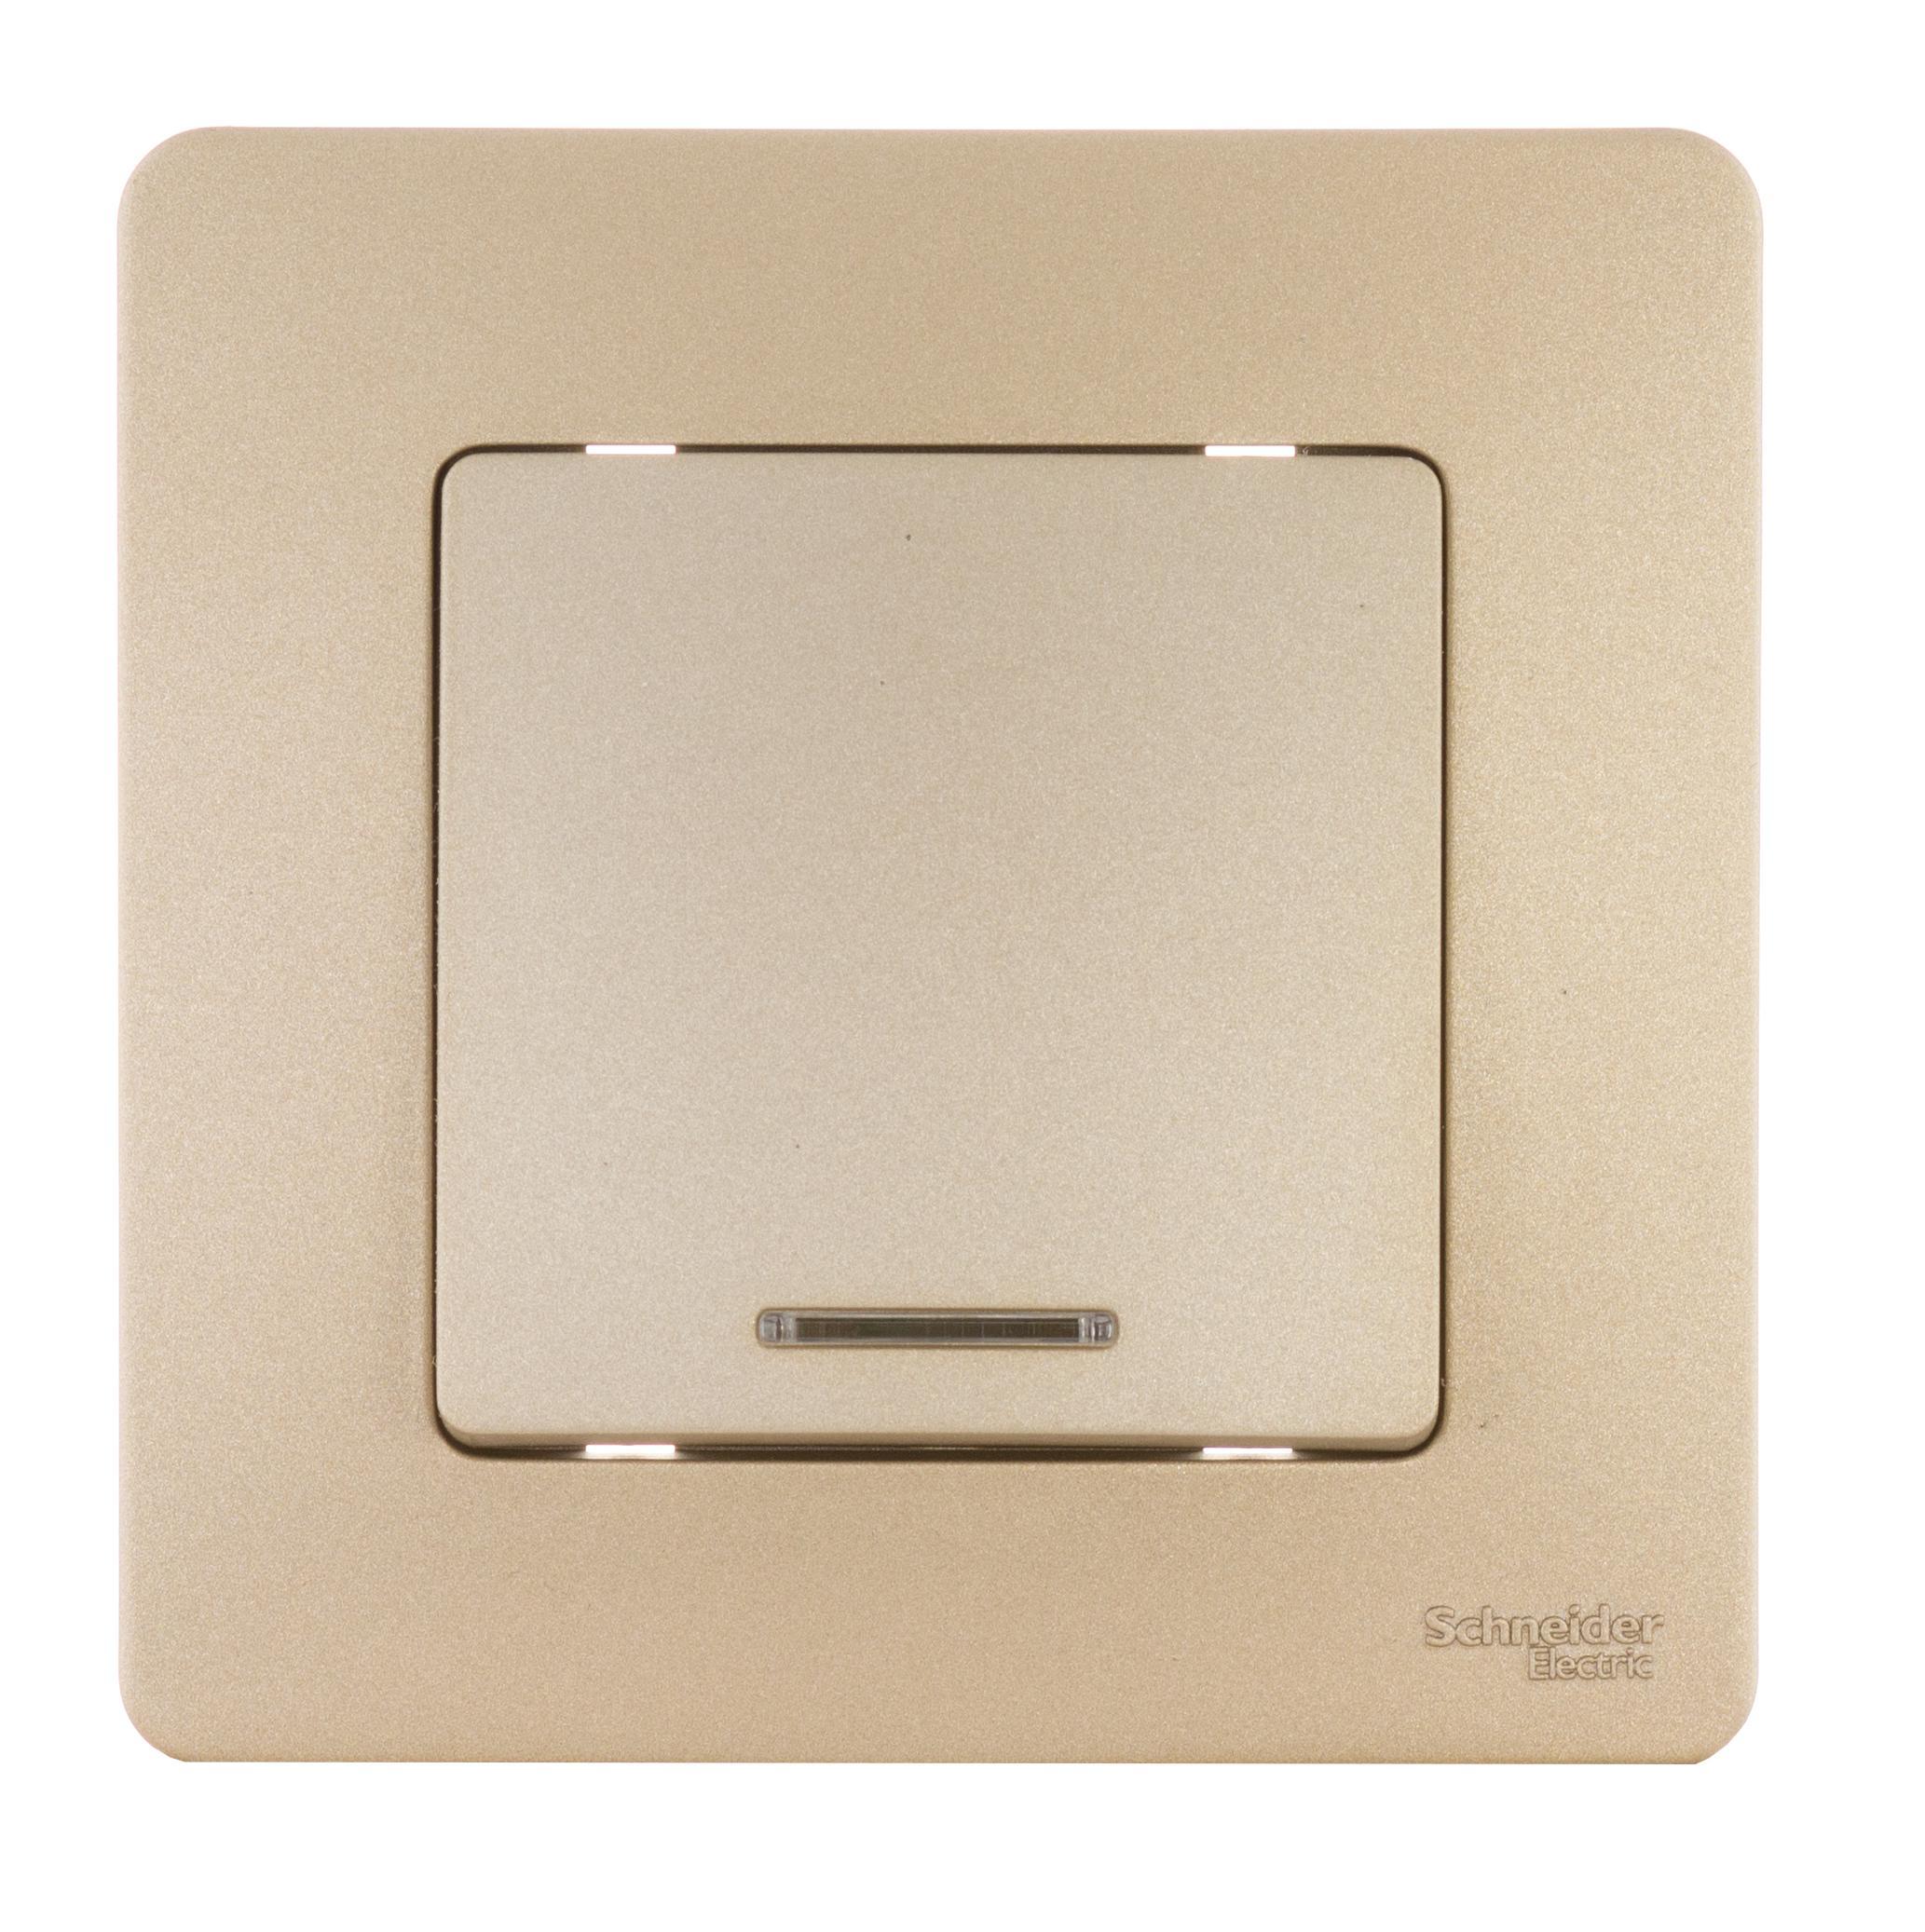 Выключатель Schneider electric Blnvs010114 blanca выключатель schneider electric blnva101013 blanca